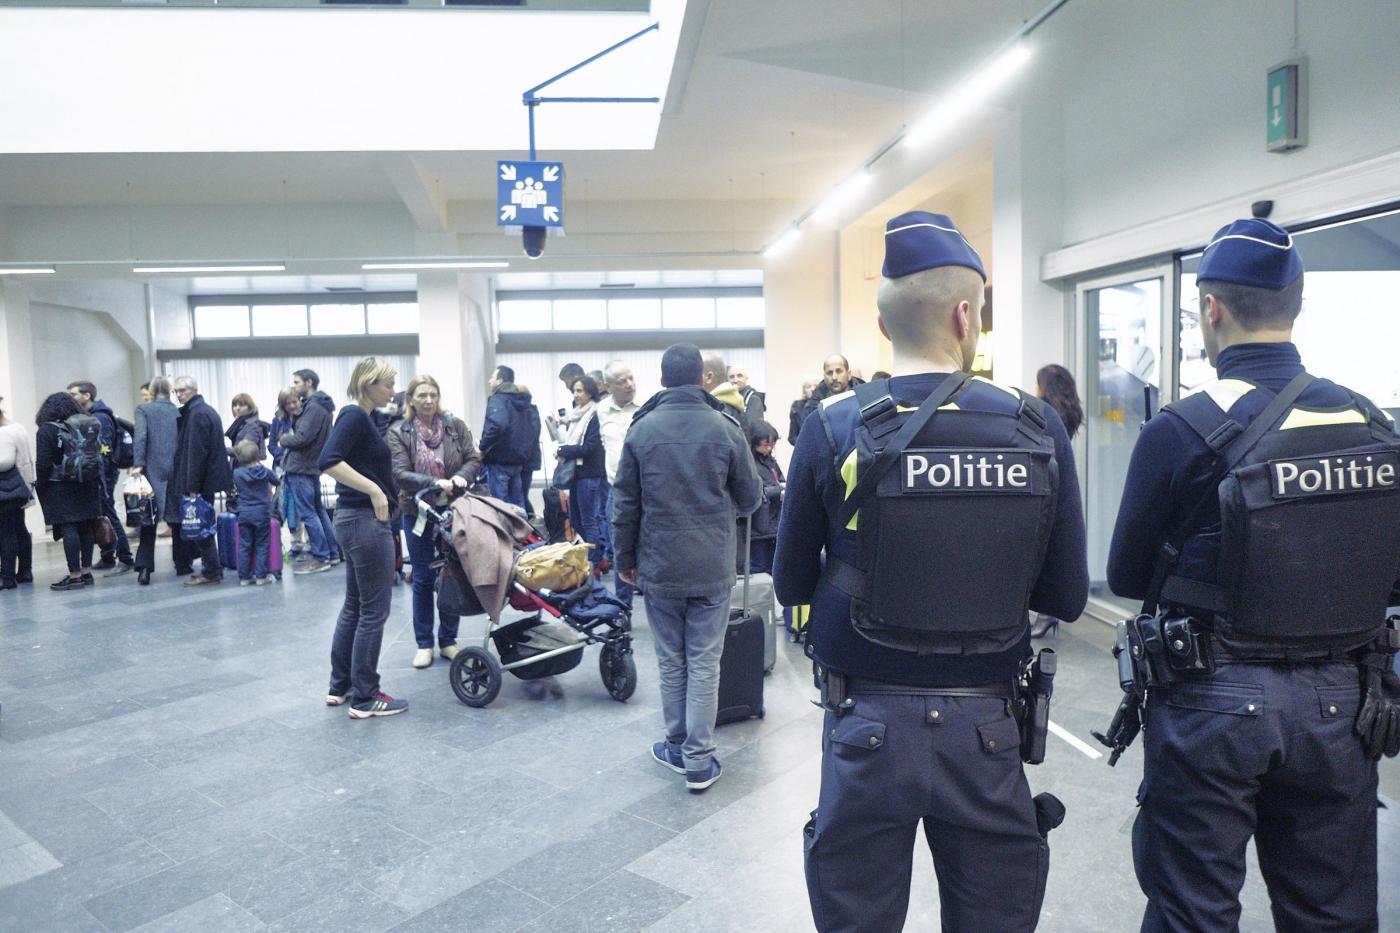 Terrorismo, fermati due fratelli in Belgio: erano sospettati di preparare attentati